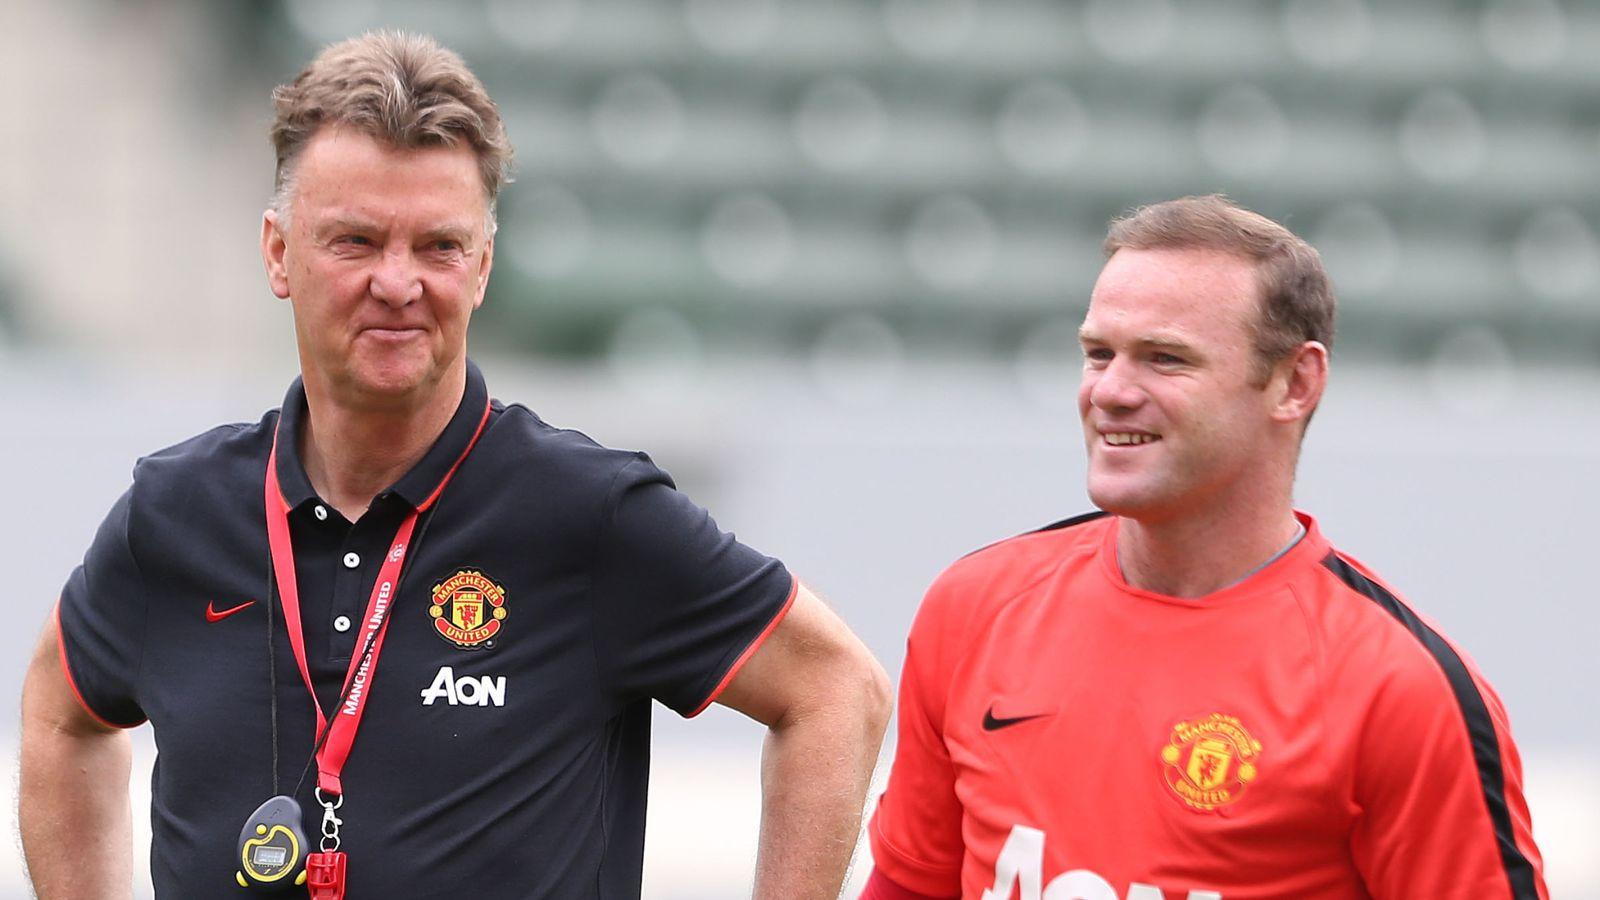 Wayne Rooney insiste en que Louis van Gaal fue despedido por Man Utd demasiado pronto, ¿tiene razón? El   Noticias de futbol 33